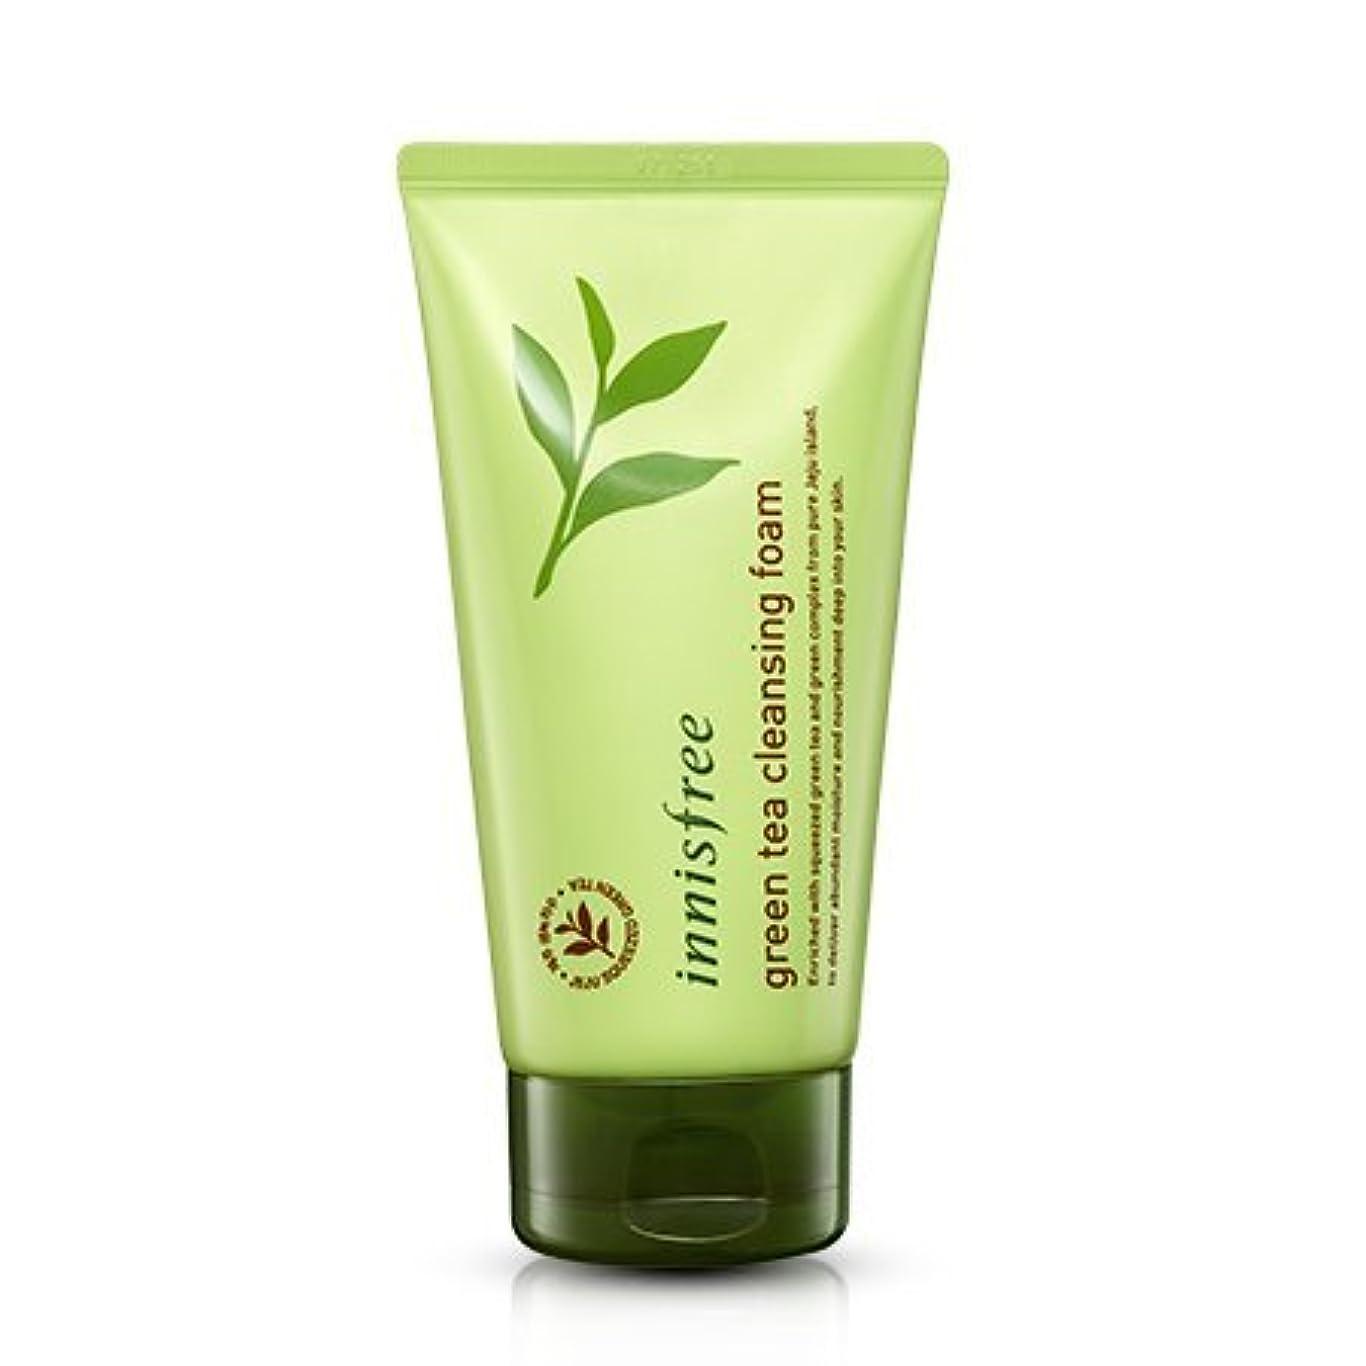 柔らかいビジョン植物学(Innisfree イニスフリー) GREEN TEA CLEANSING FOAM グリーンティー クレンジング フォーム 洗顔フォーム 洗顔料